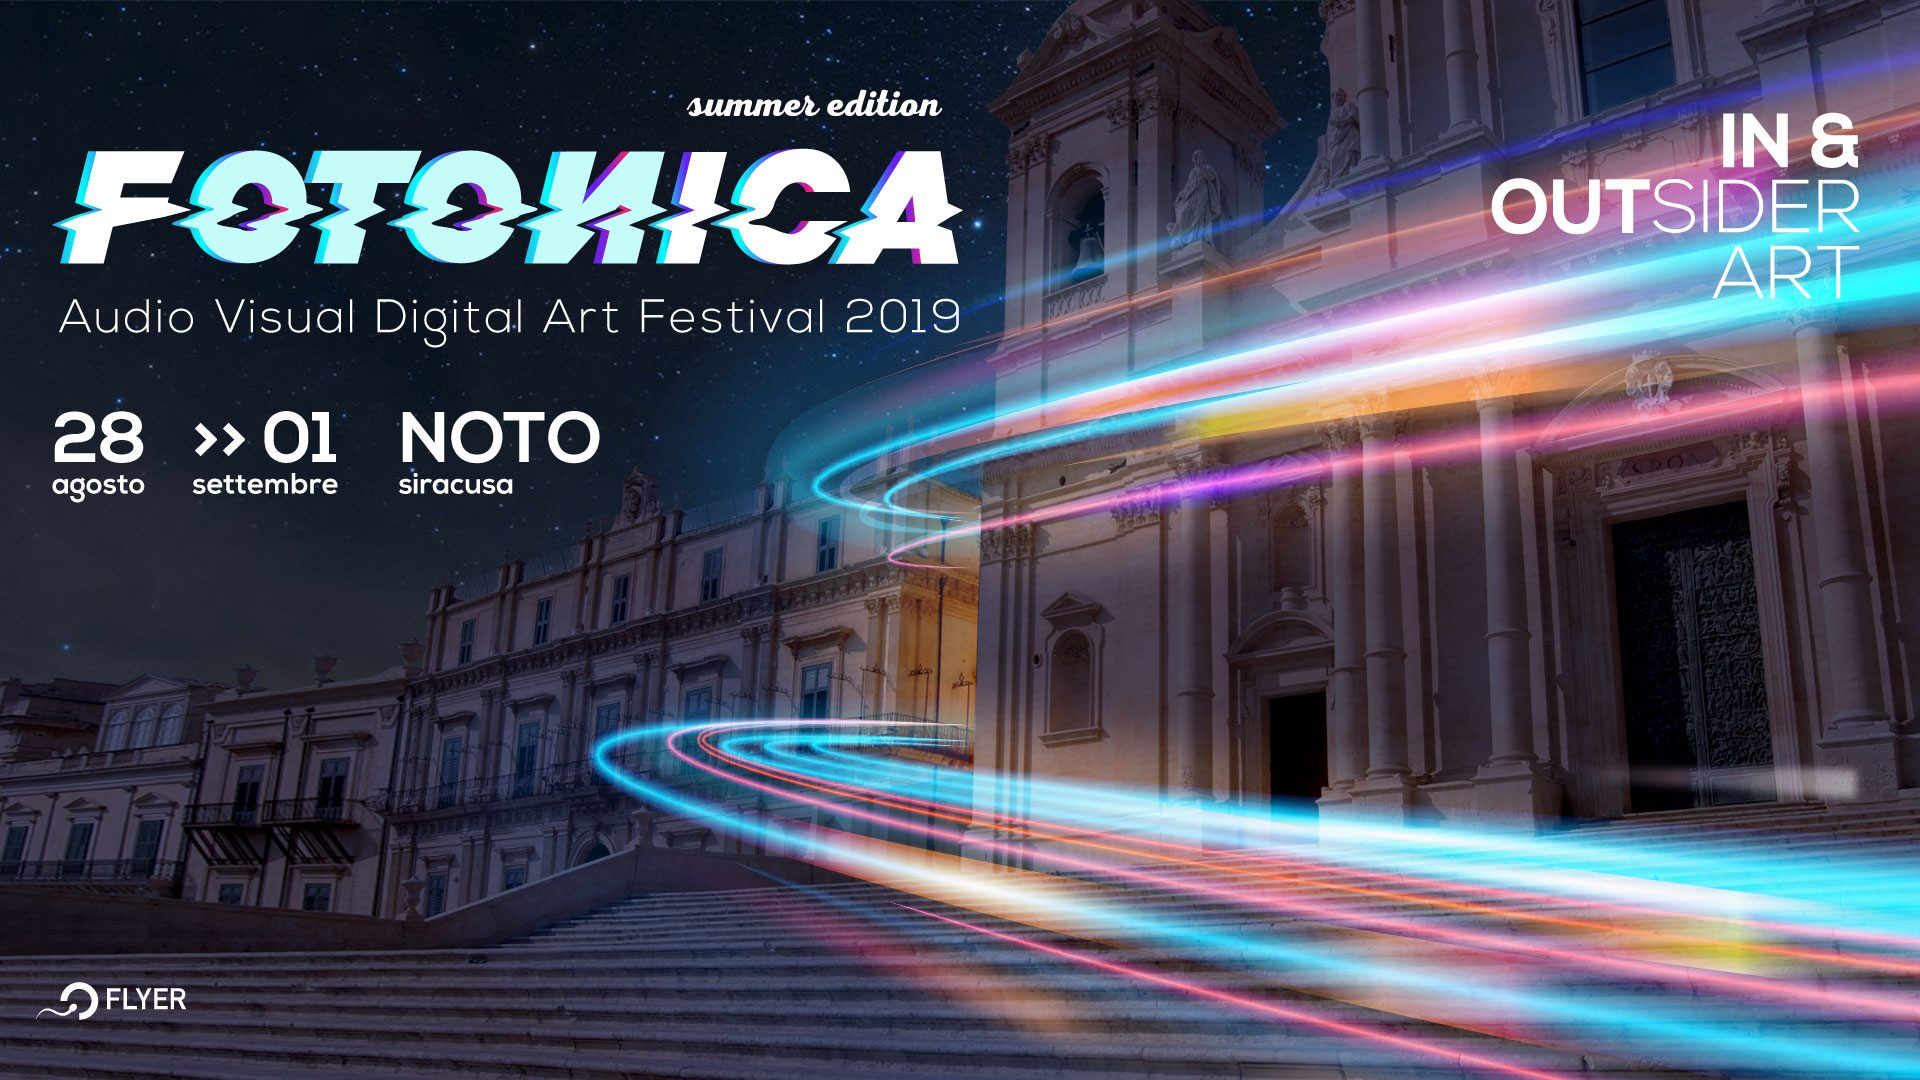 fotonica festival 2019.jpg